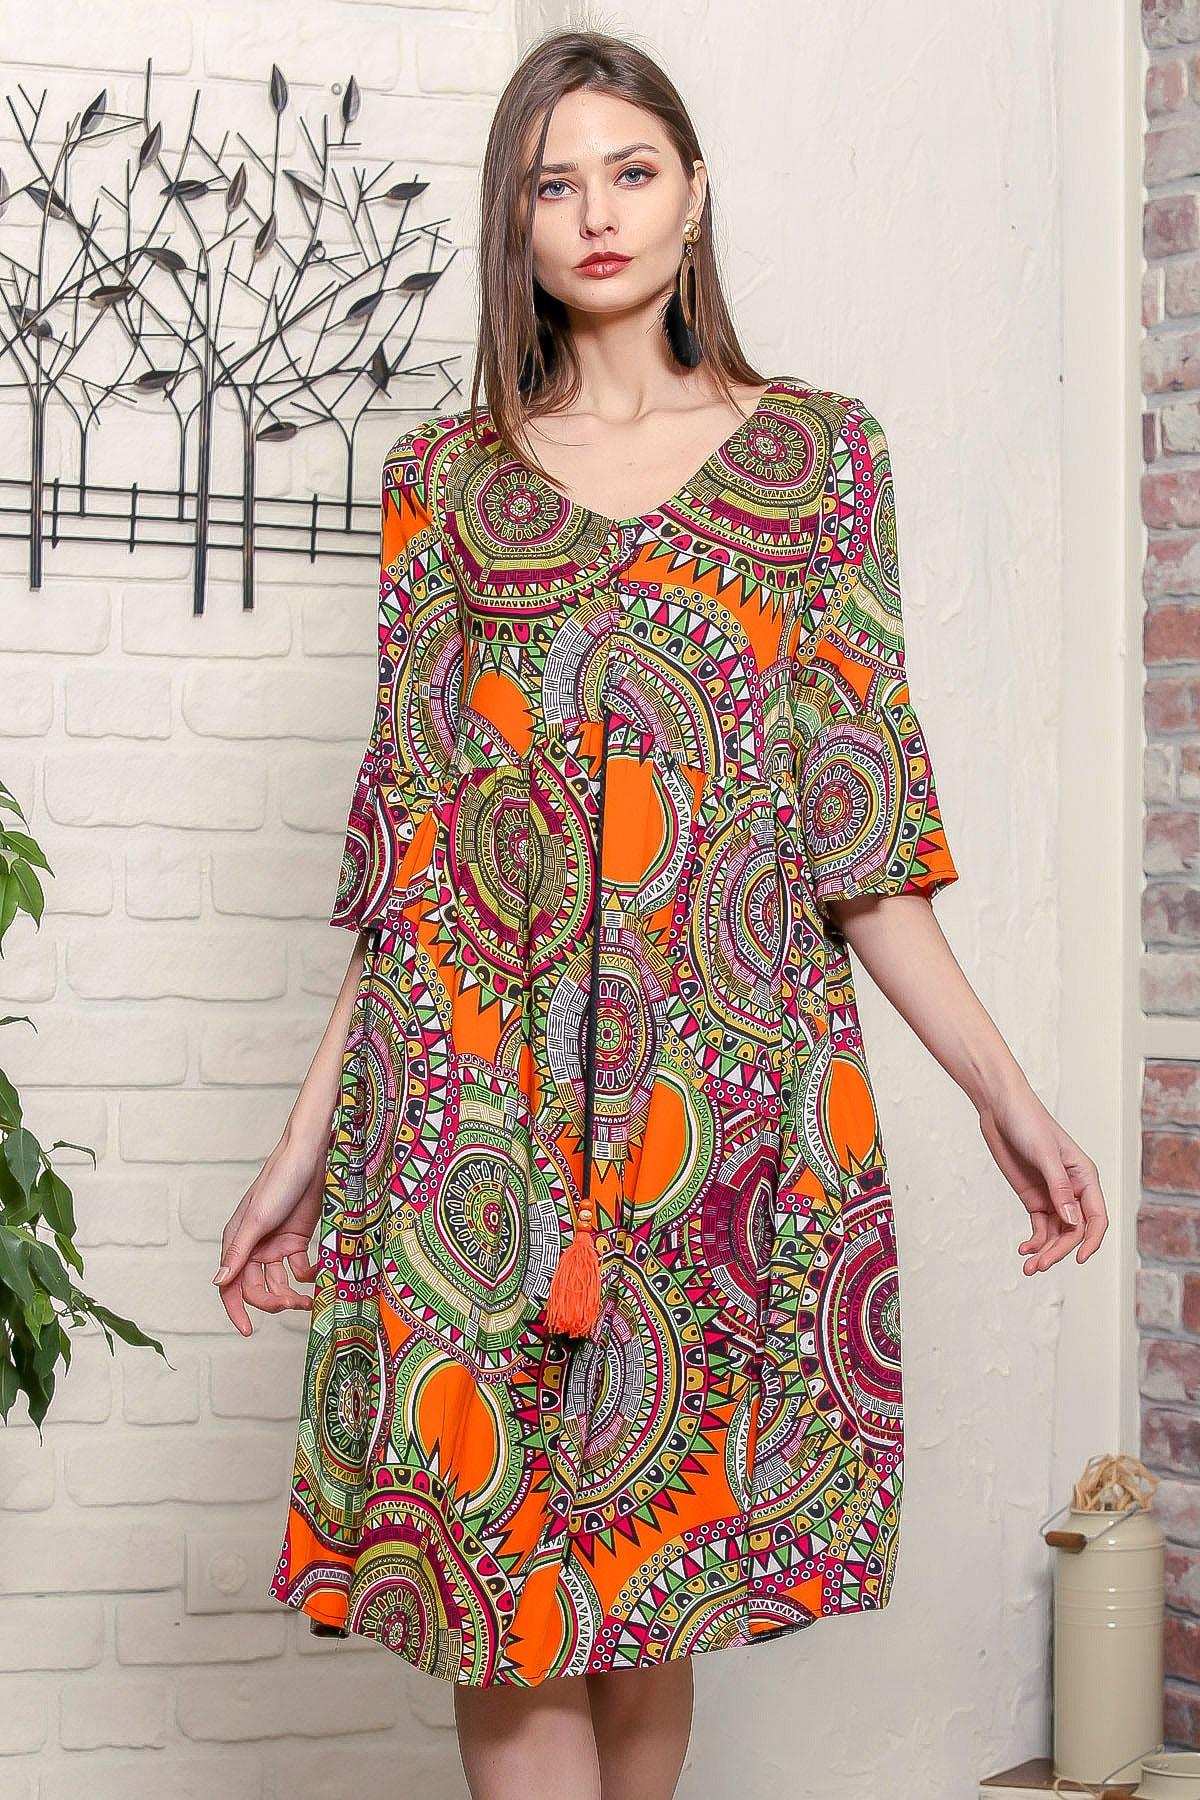 Chiccy Kadın Turuncu Geometrik Desen Kolları Volanlı Robadan Büzgülü Püsküllü Bağcıklı Salaş Dokuma Elbise 0